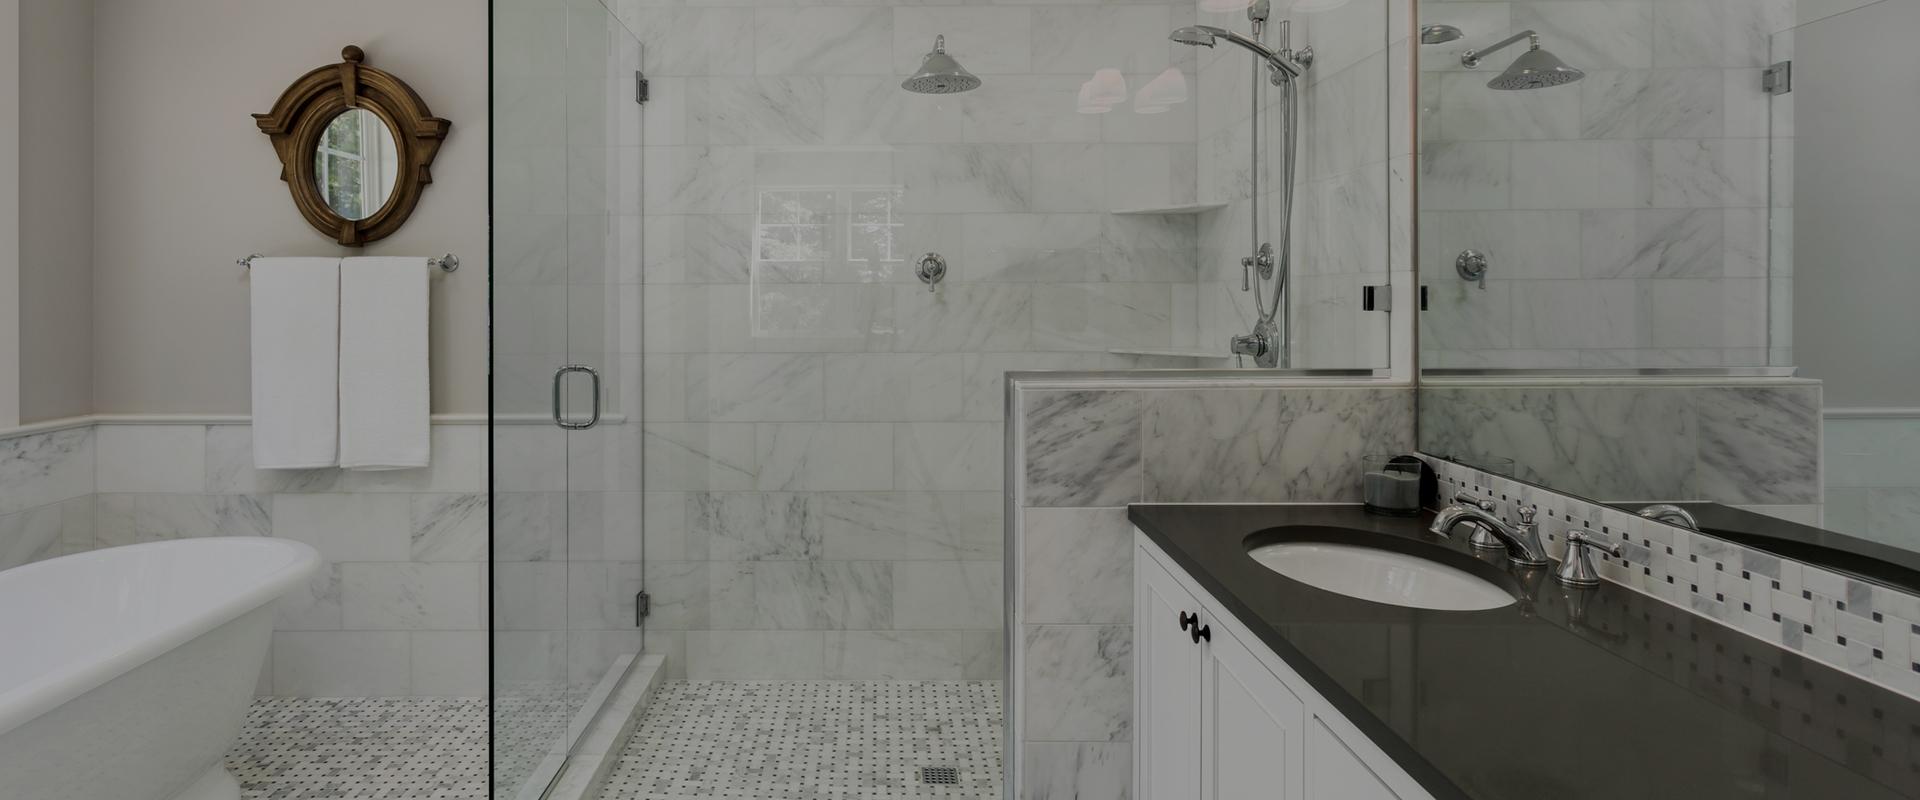 white tiled bathroom shower